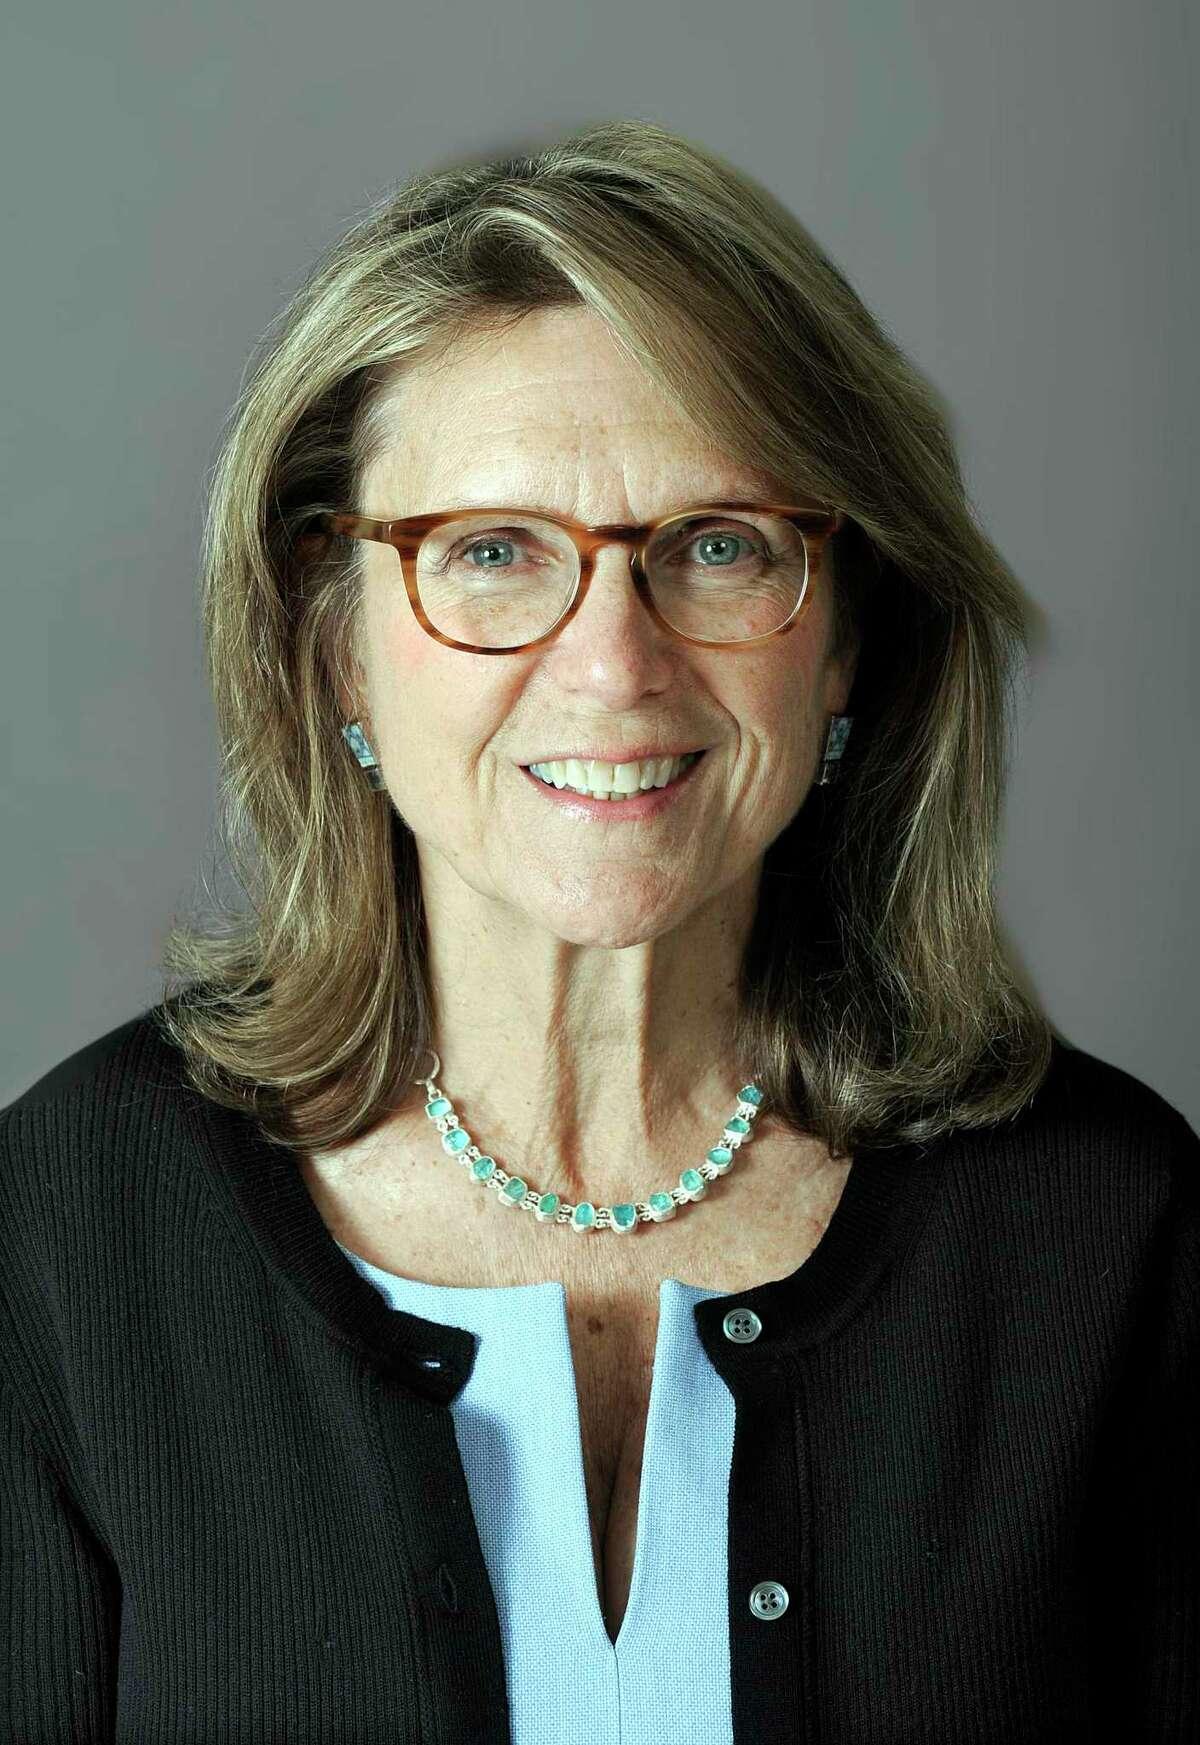 File photo. State Sen. Julie Kushner of Danbury.